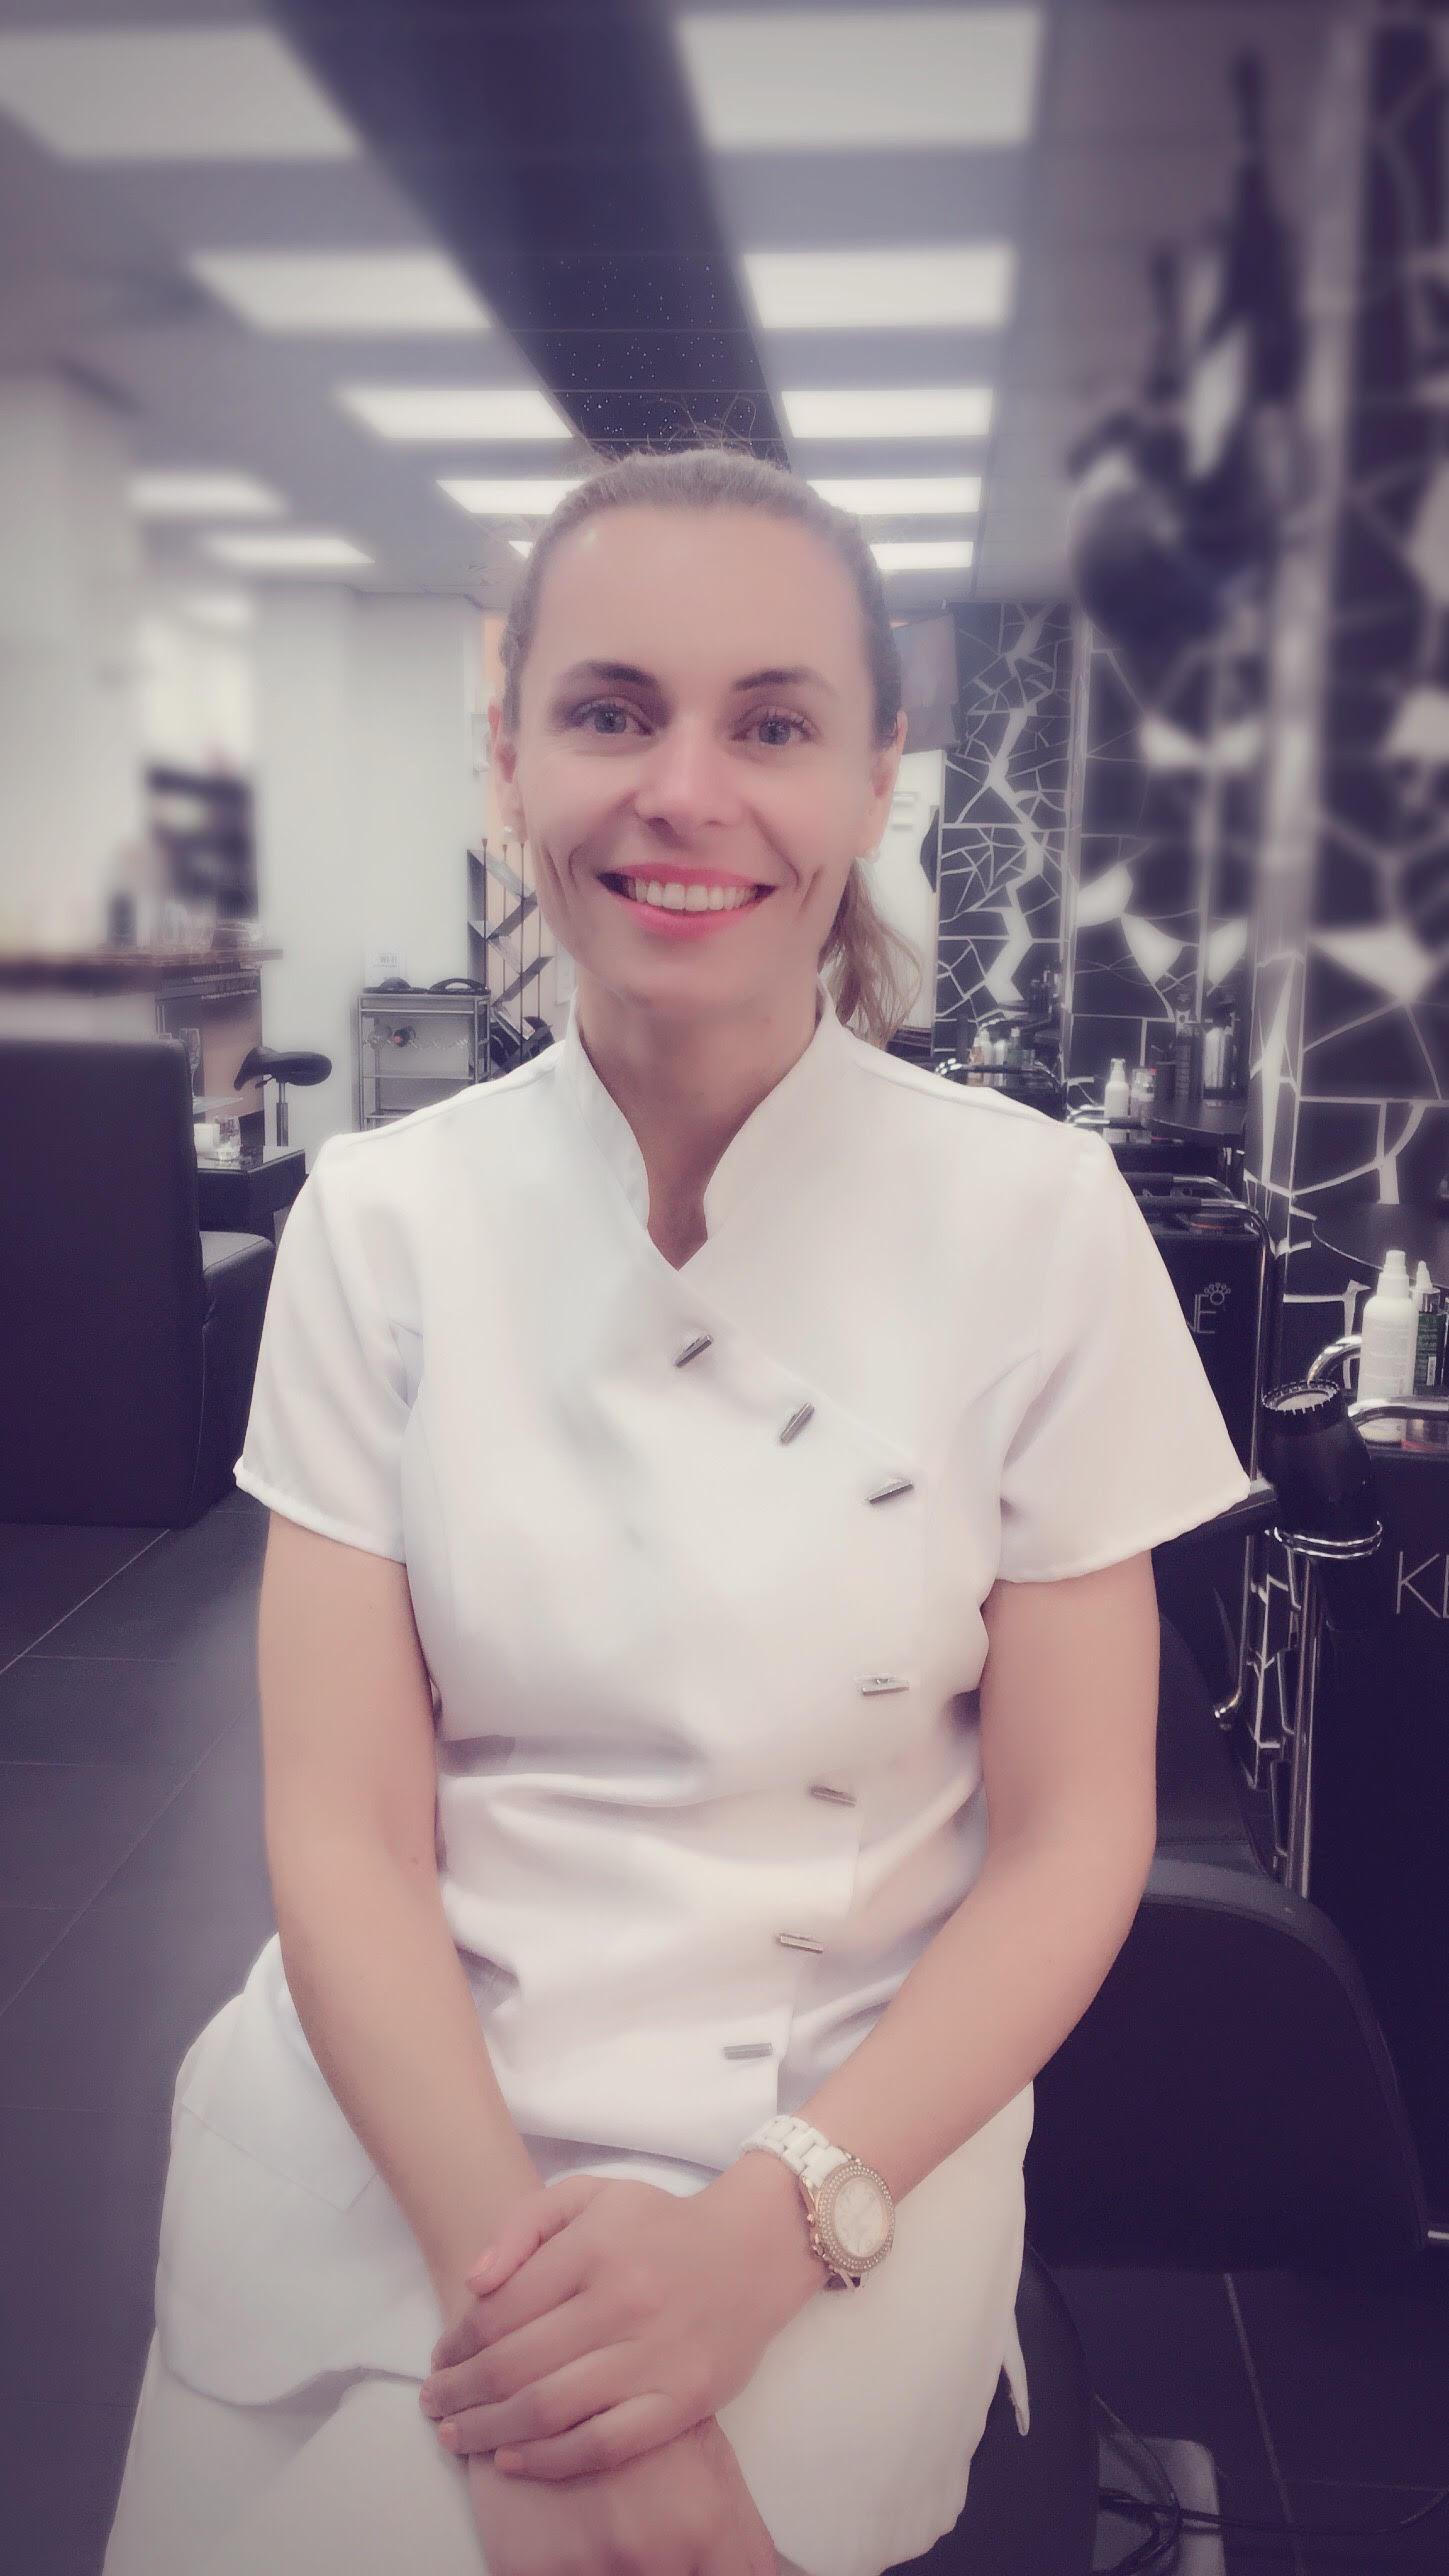 Daniela - Kapper bij Beauty & Hairstyling YORD Utrecht